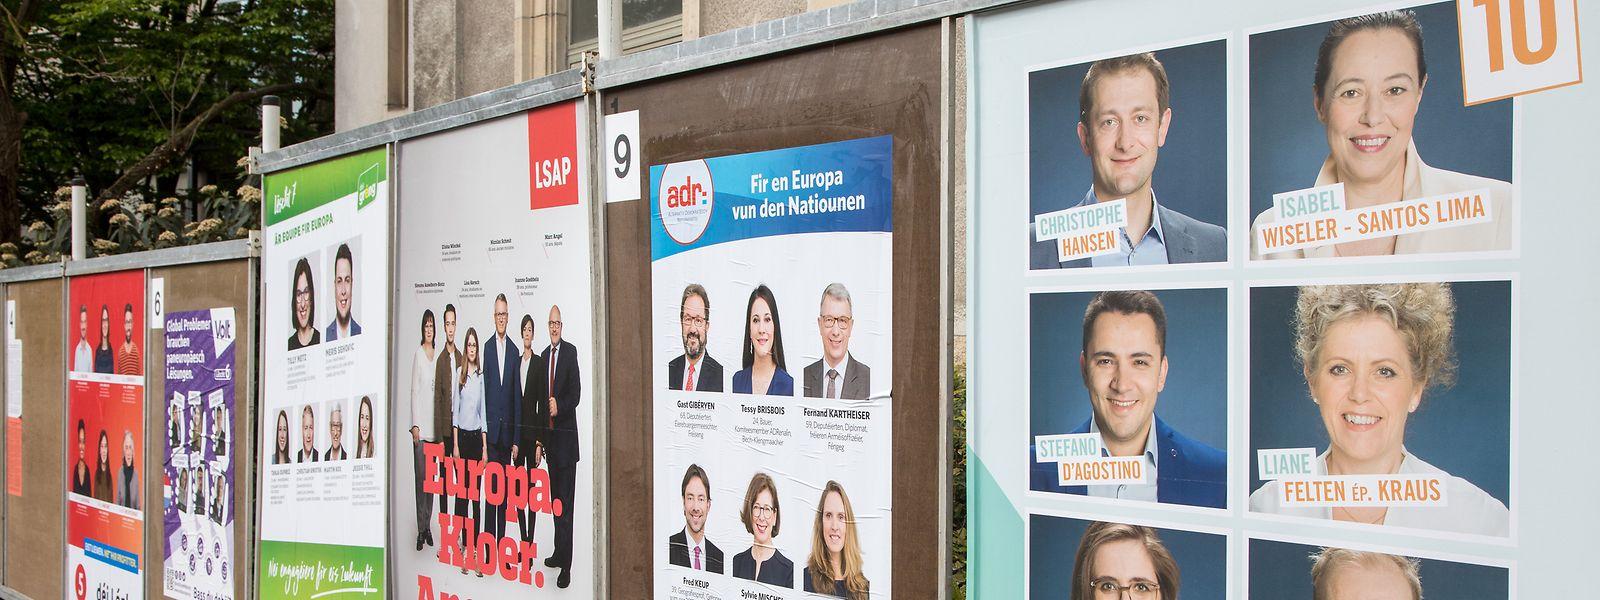 Ob auf europäischer, kommunaler oder nationaler Ebene: Für die Ausarbeitung der Wahlkampagnen zeichnen die Generalsekretäre der Parteien maßgeblich verantwortlich.